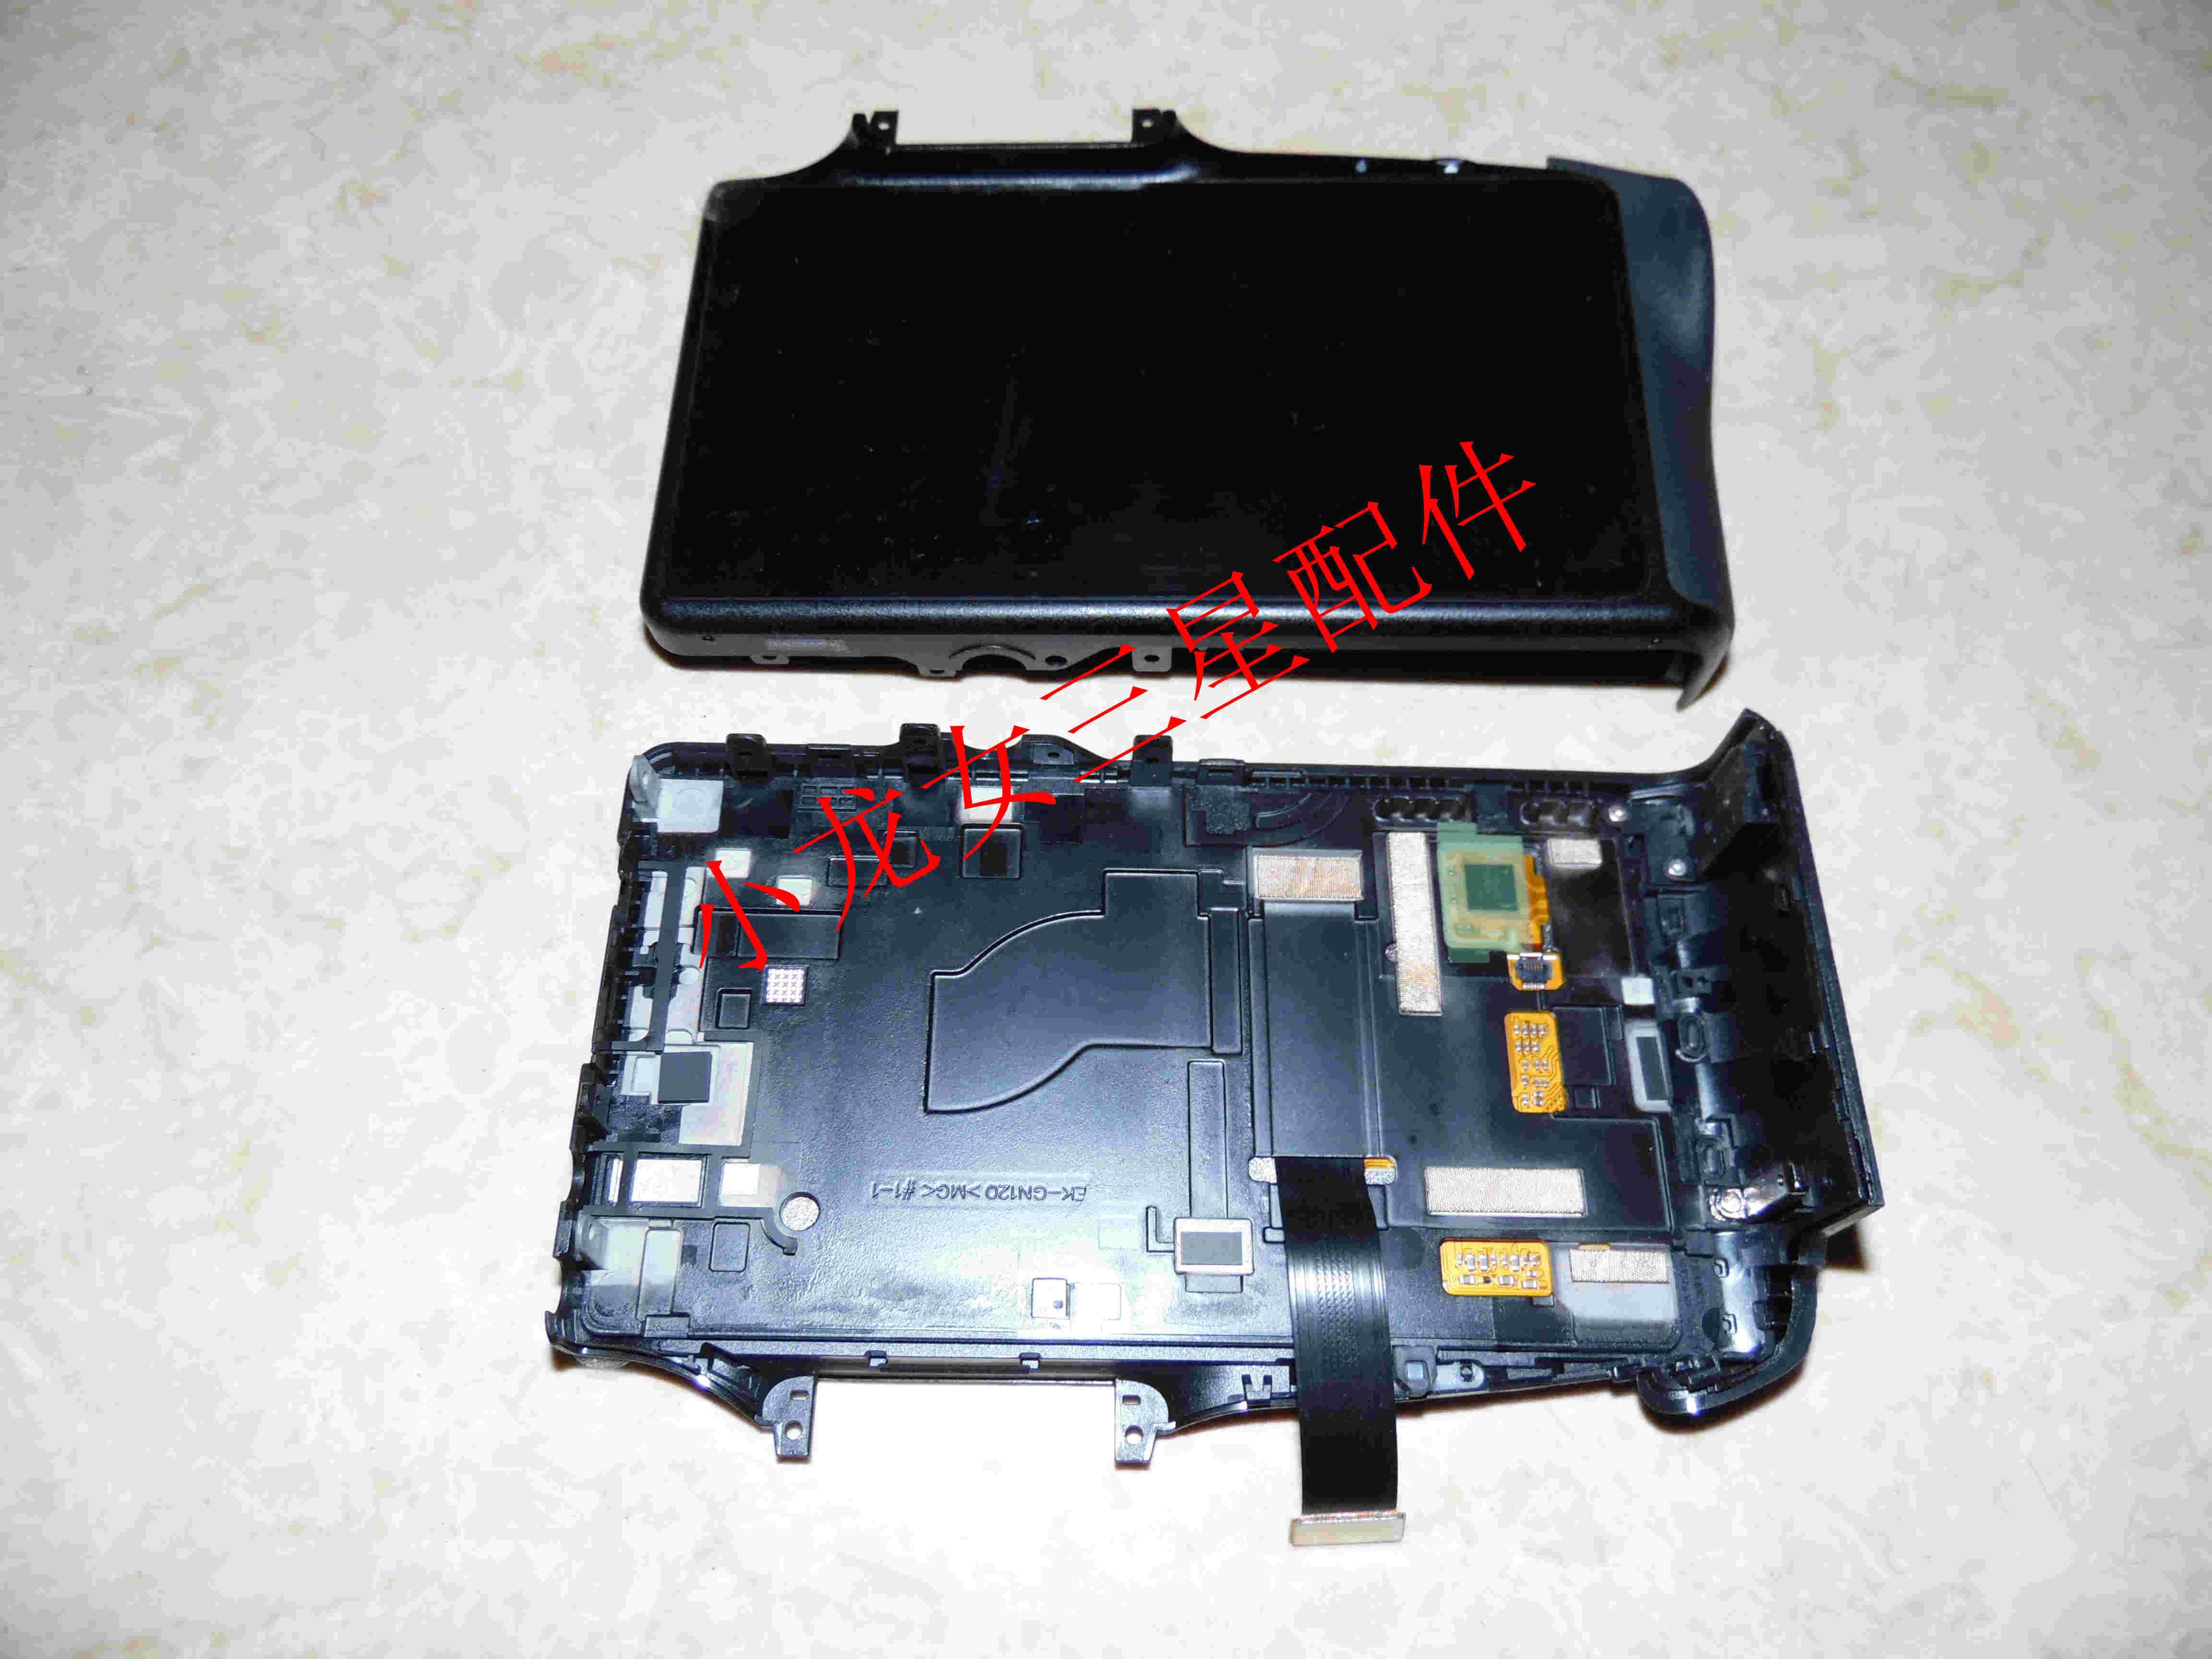 三星 EK-GN100 EK-GN120显示屏 液晶屏总成 带后壳 全新原装